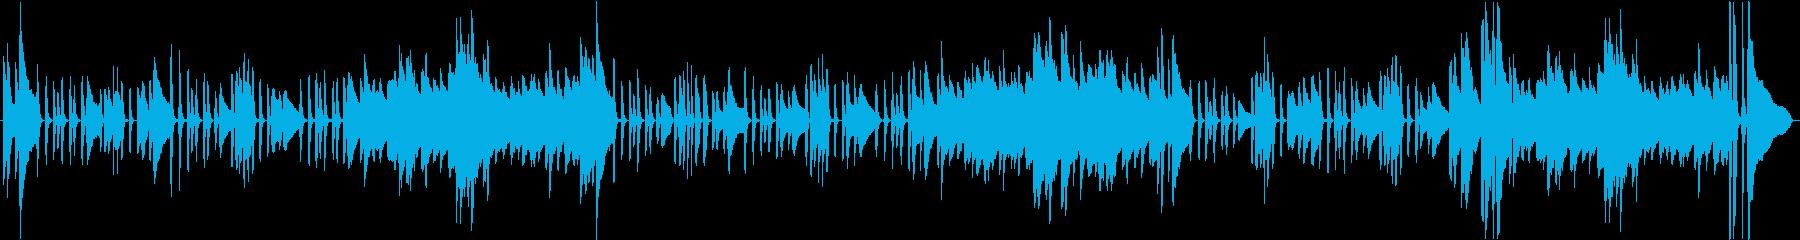 伝統的なブルターニュの船乗りの歌が...の再生済みの波形